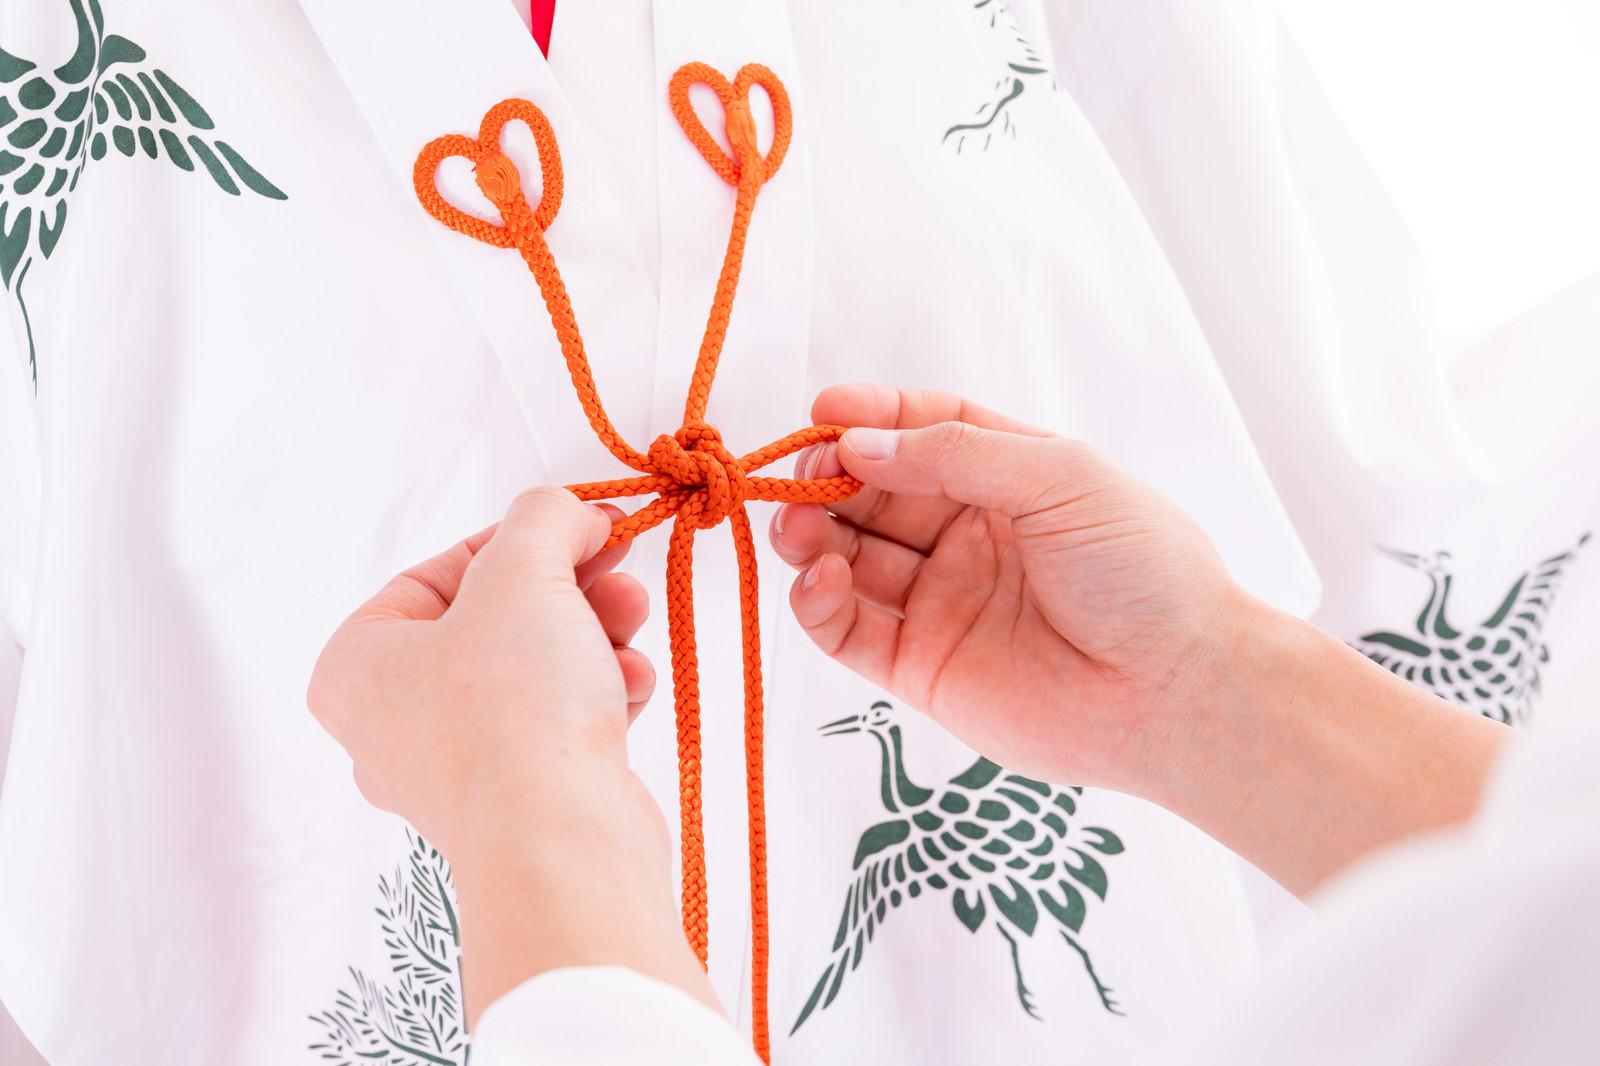 「巫女装束「千早」を結ぶ手元」の写真